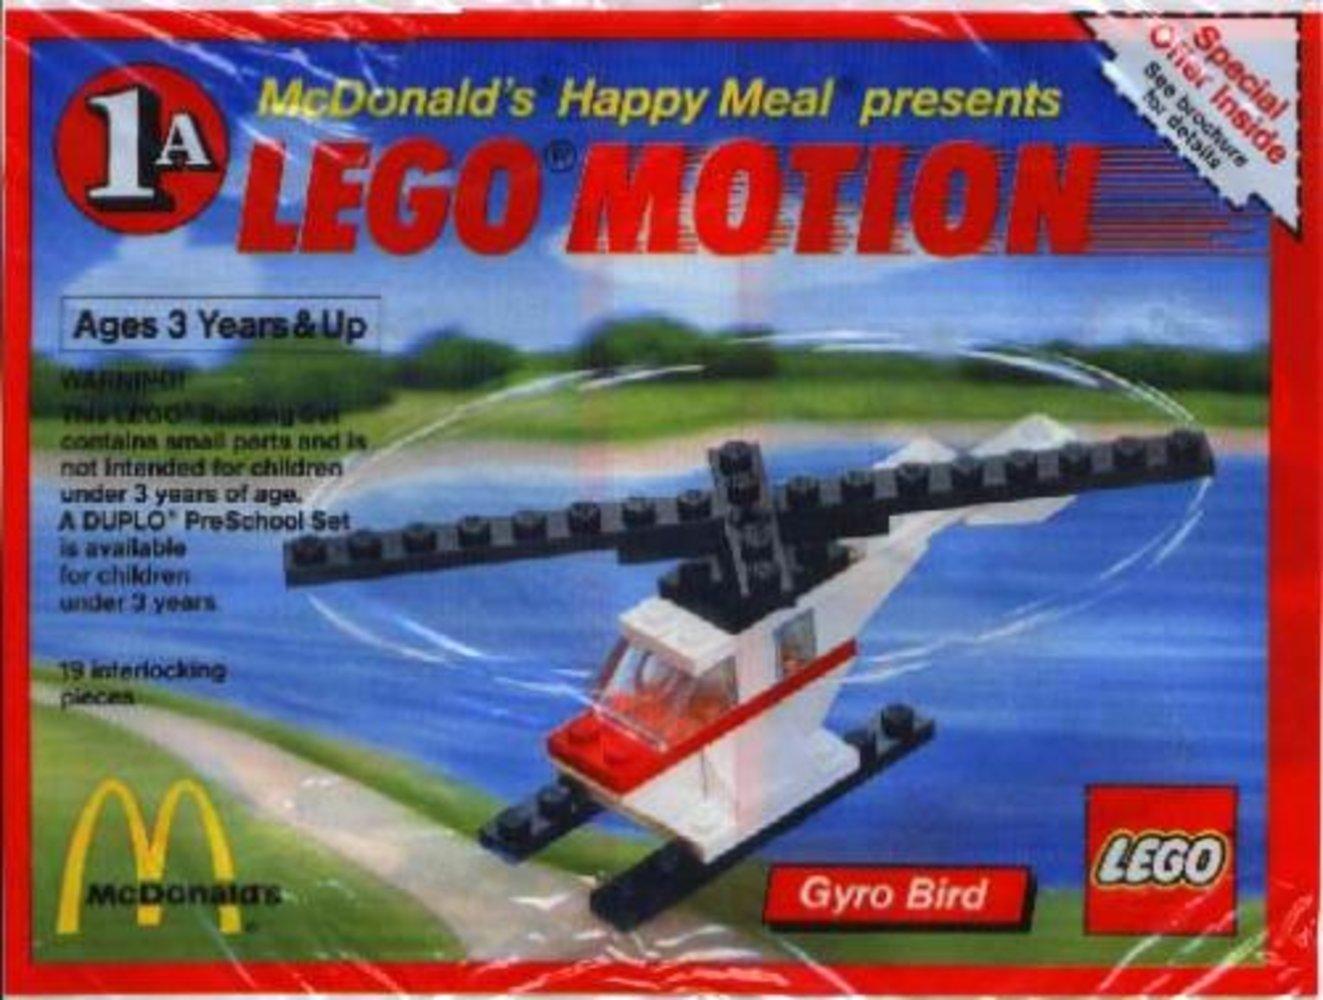 Lego Motion 1A, Gyro Bird